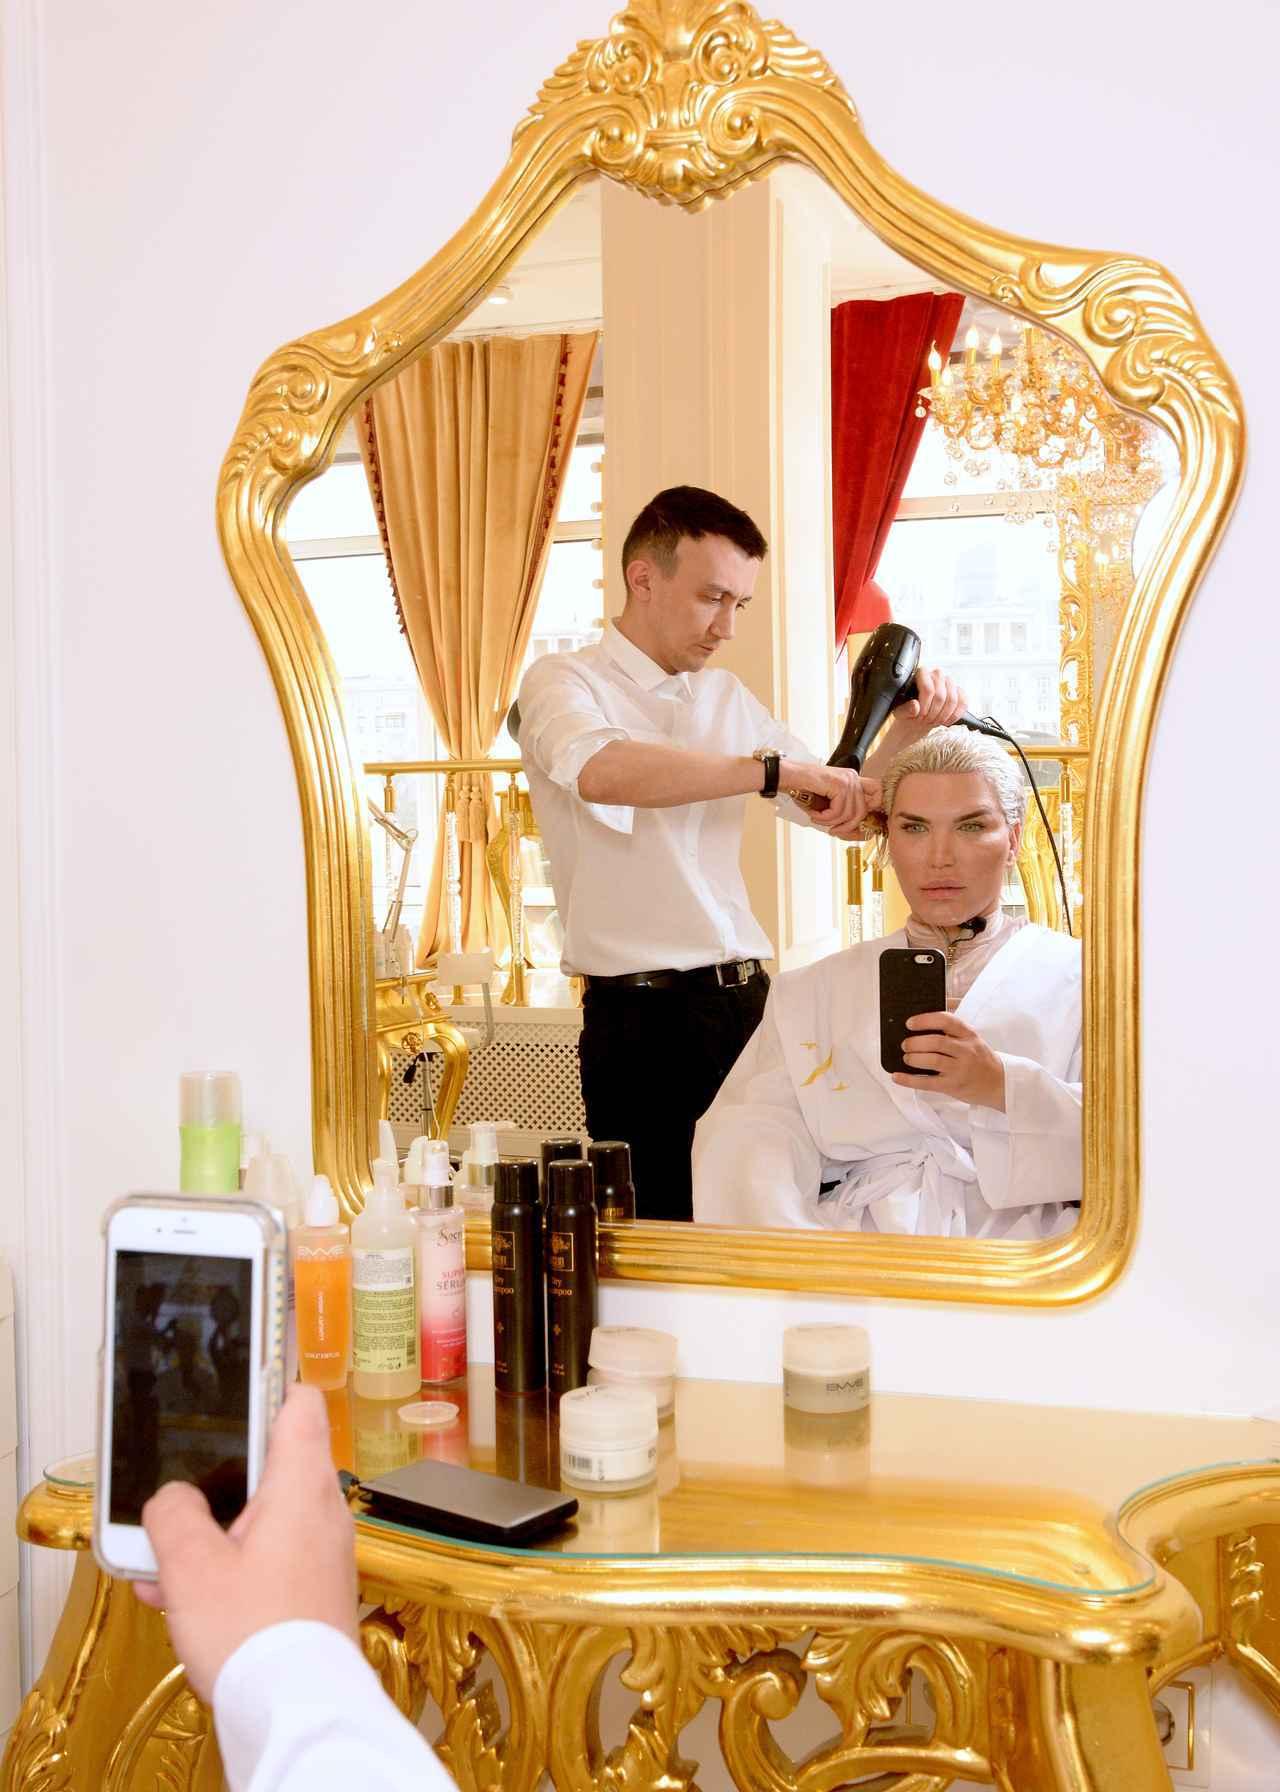 画像3: 「リアルケン」になりたい男性、美容デーはVIP待遇